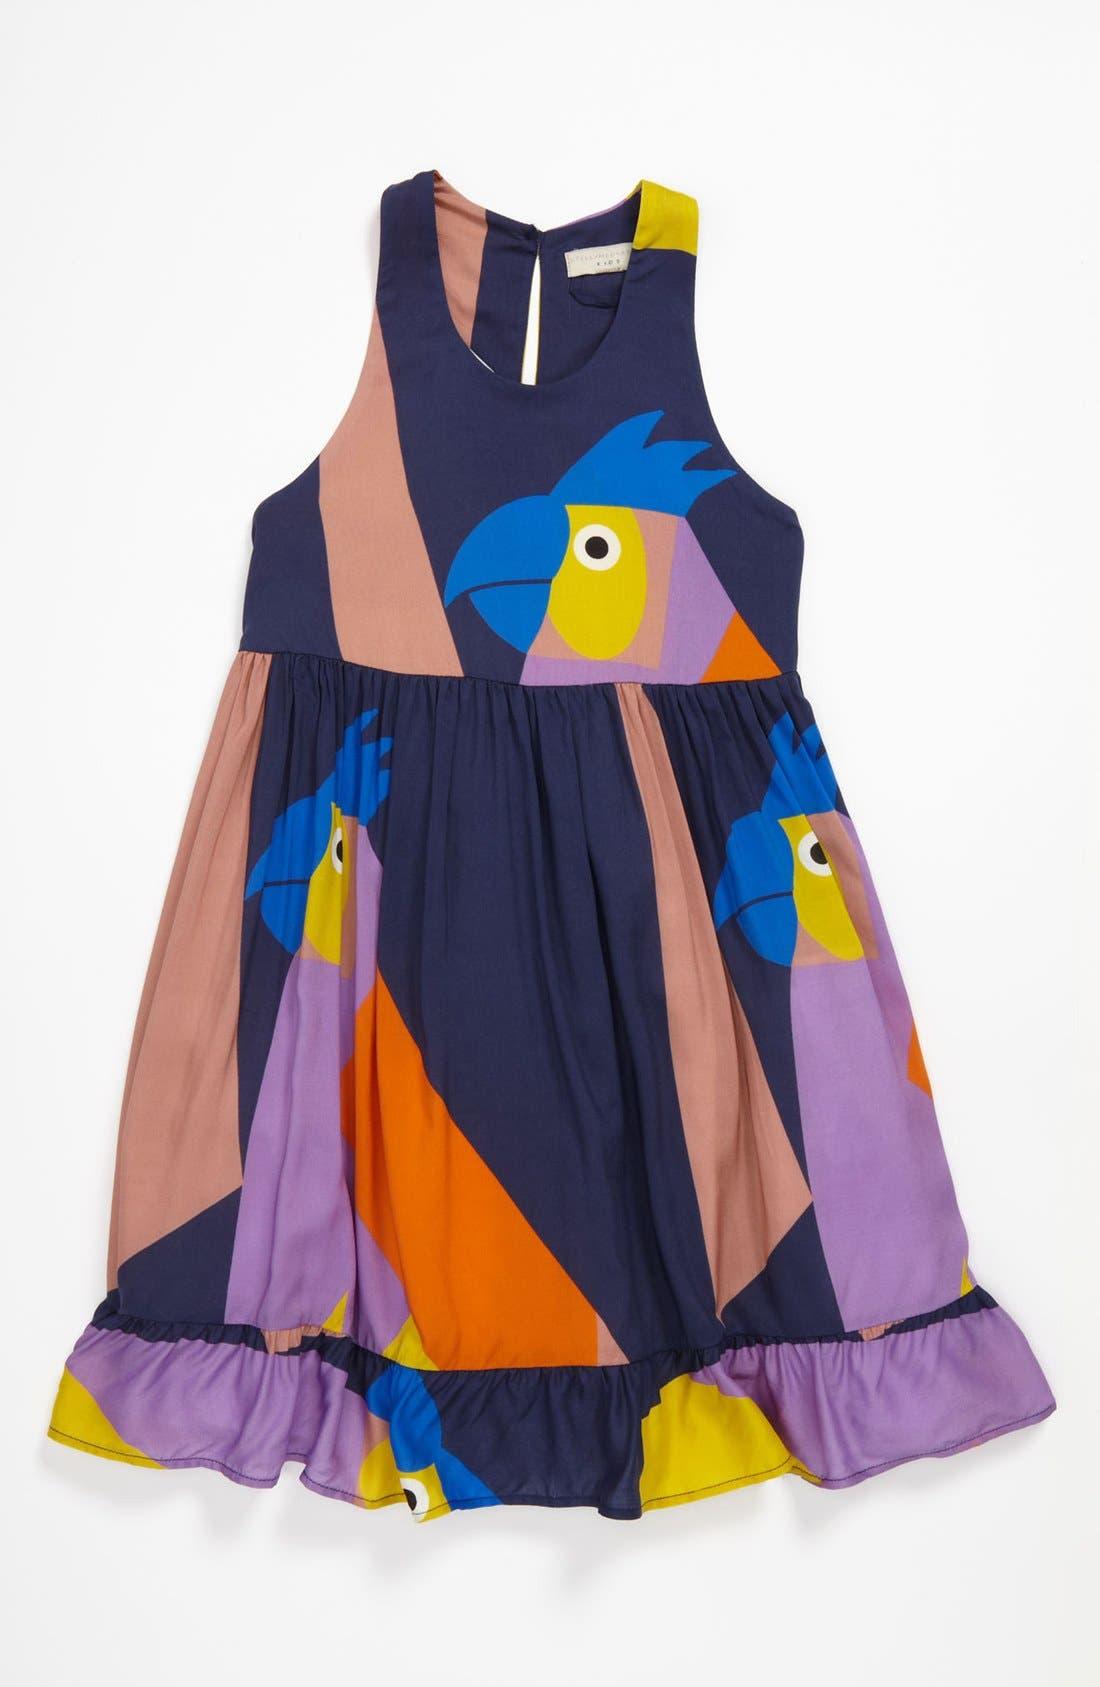 Main Image - Stella McCartney Kids 'Pip' Dress (Toddler, Little Girls & Big Girls)